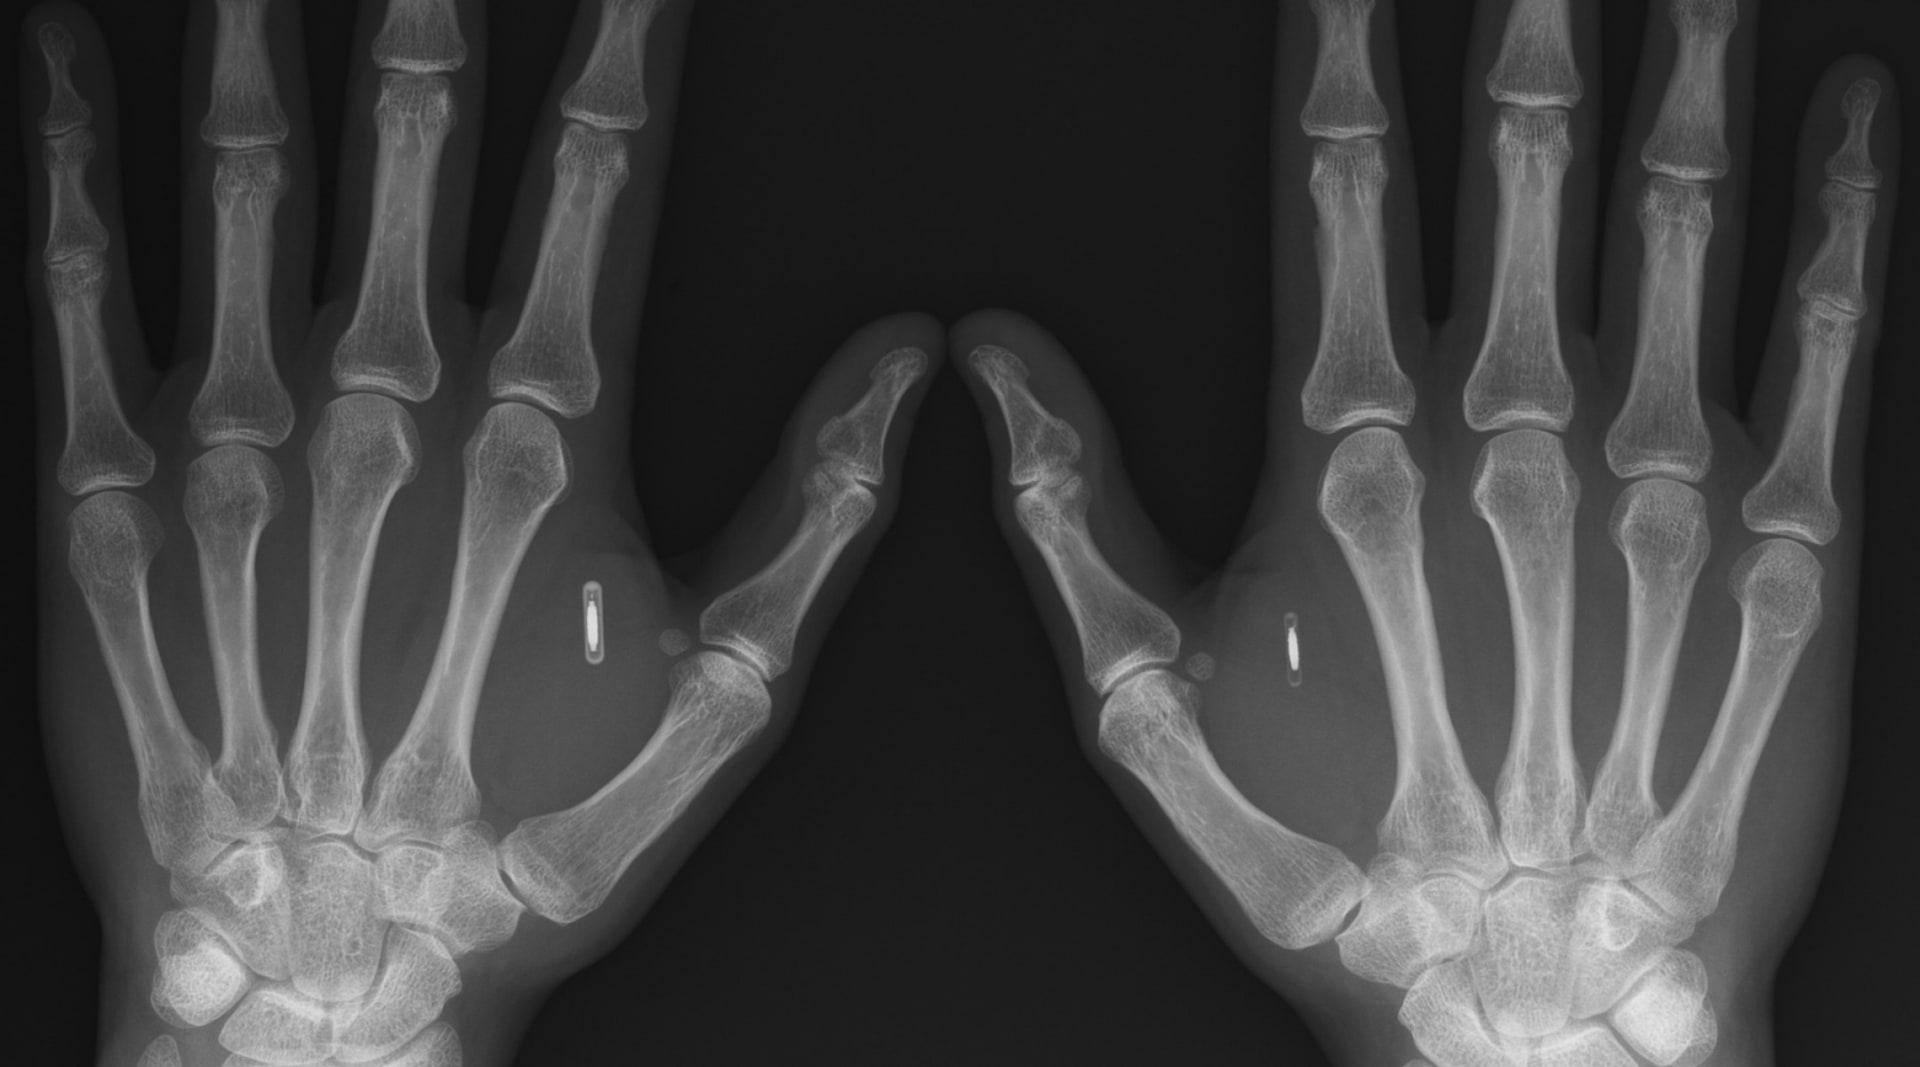 WEB 2006 03 30 Hands